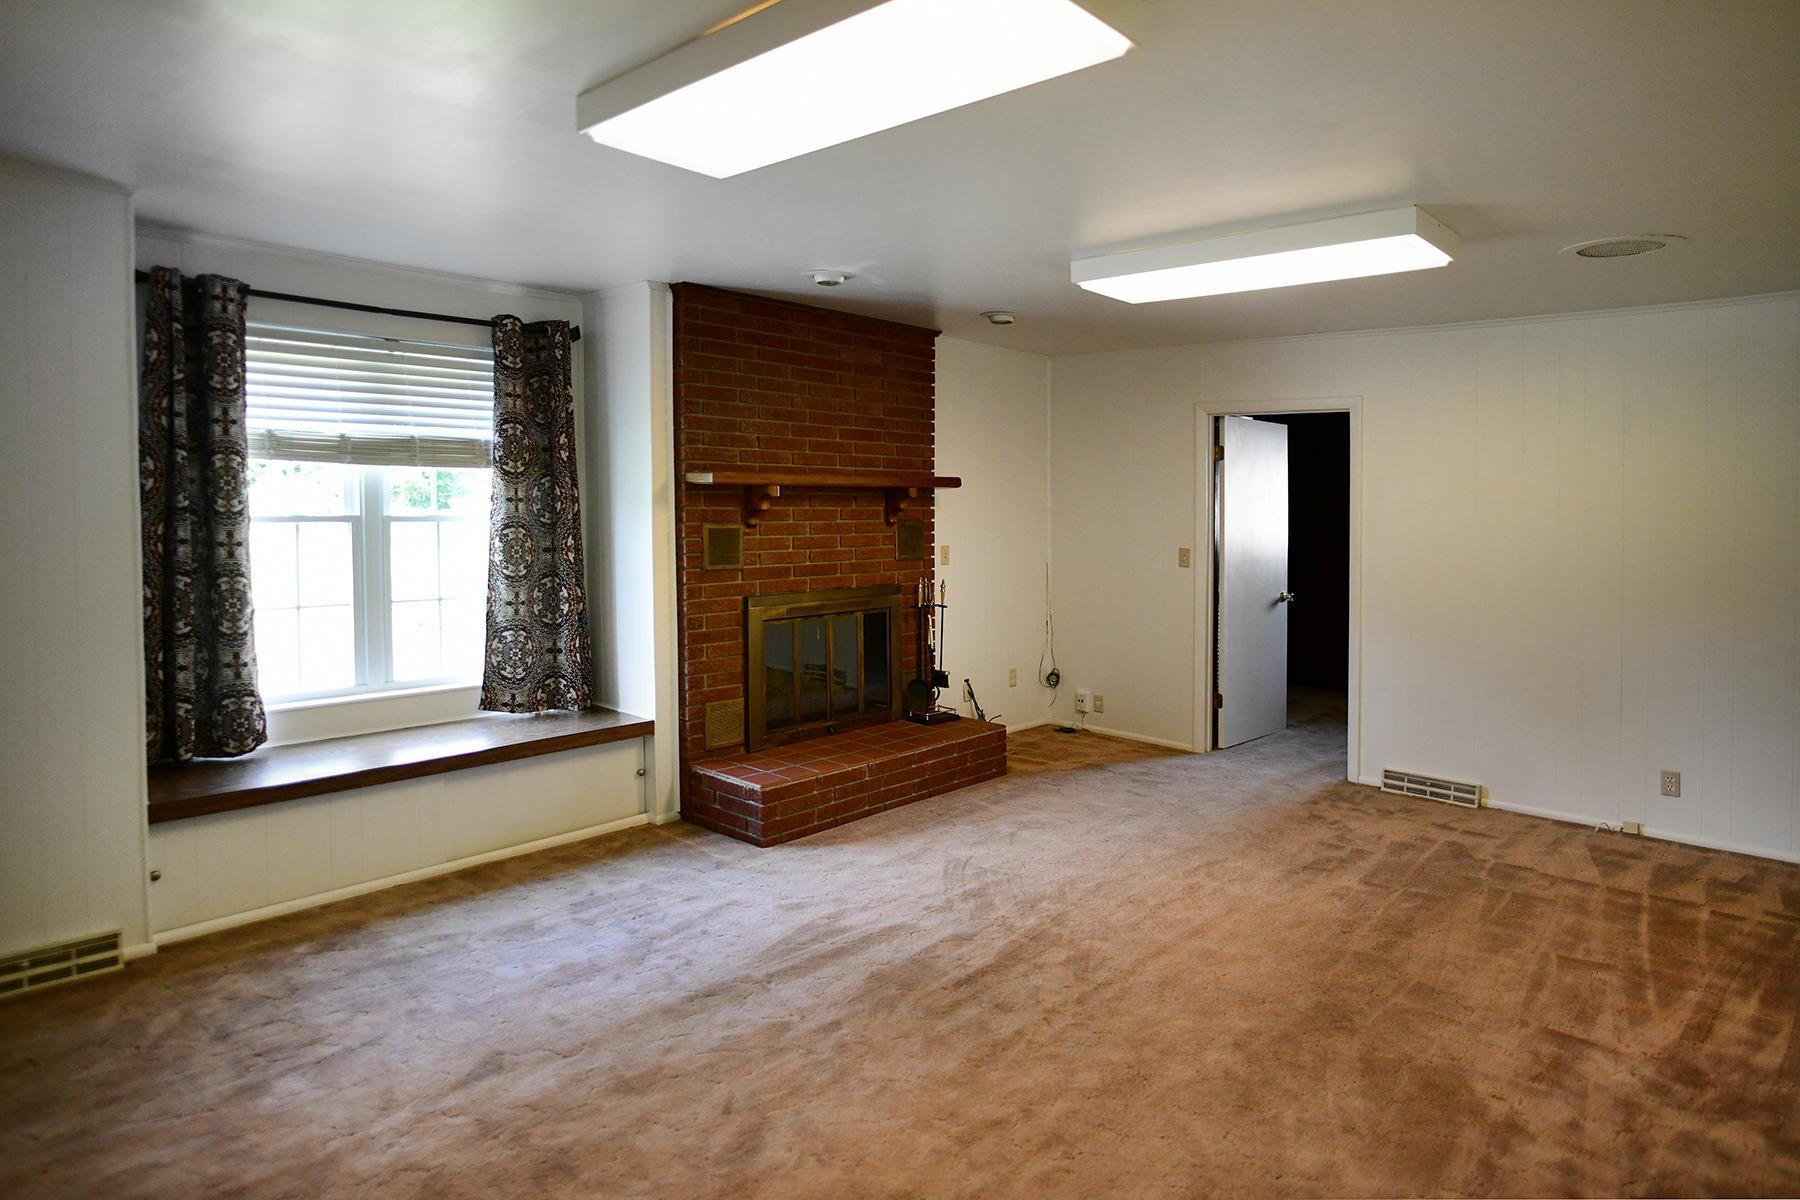 Den/Family Room